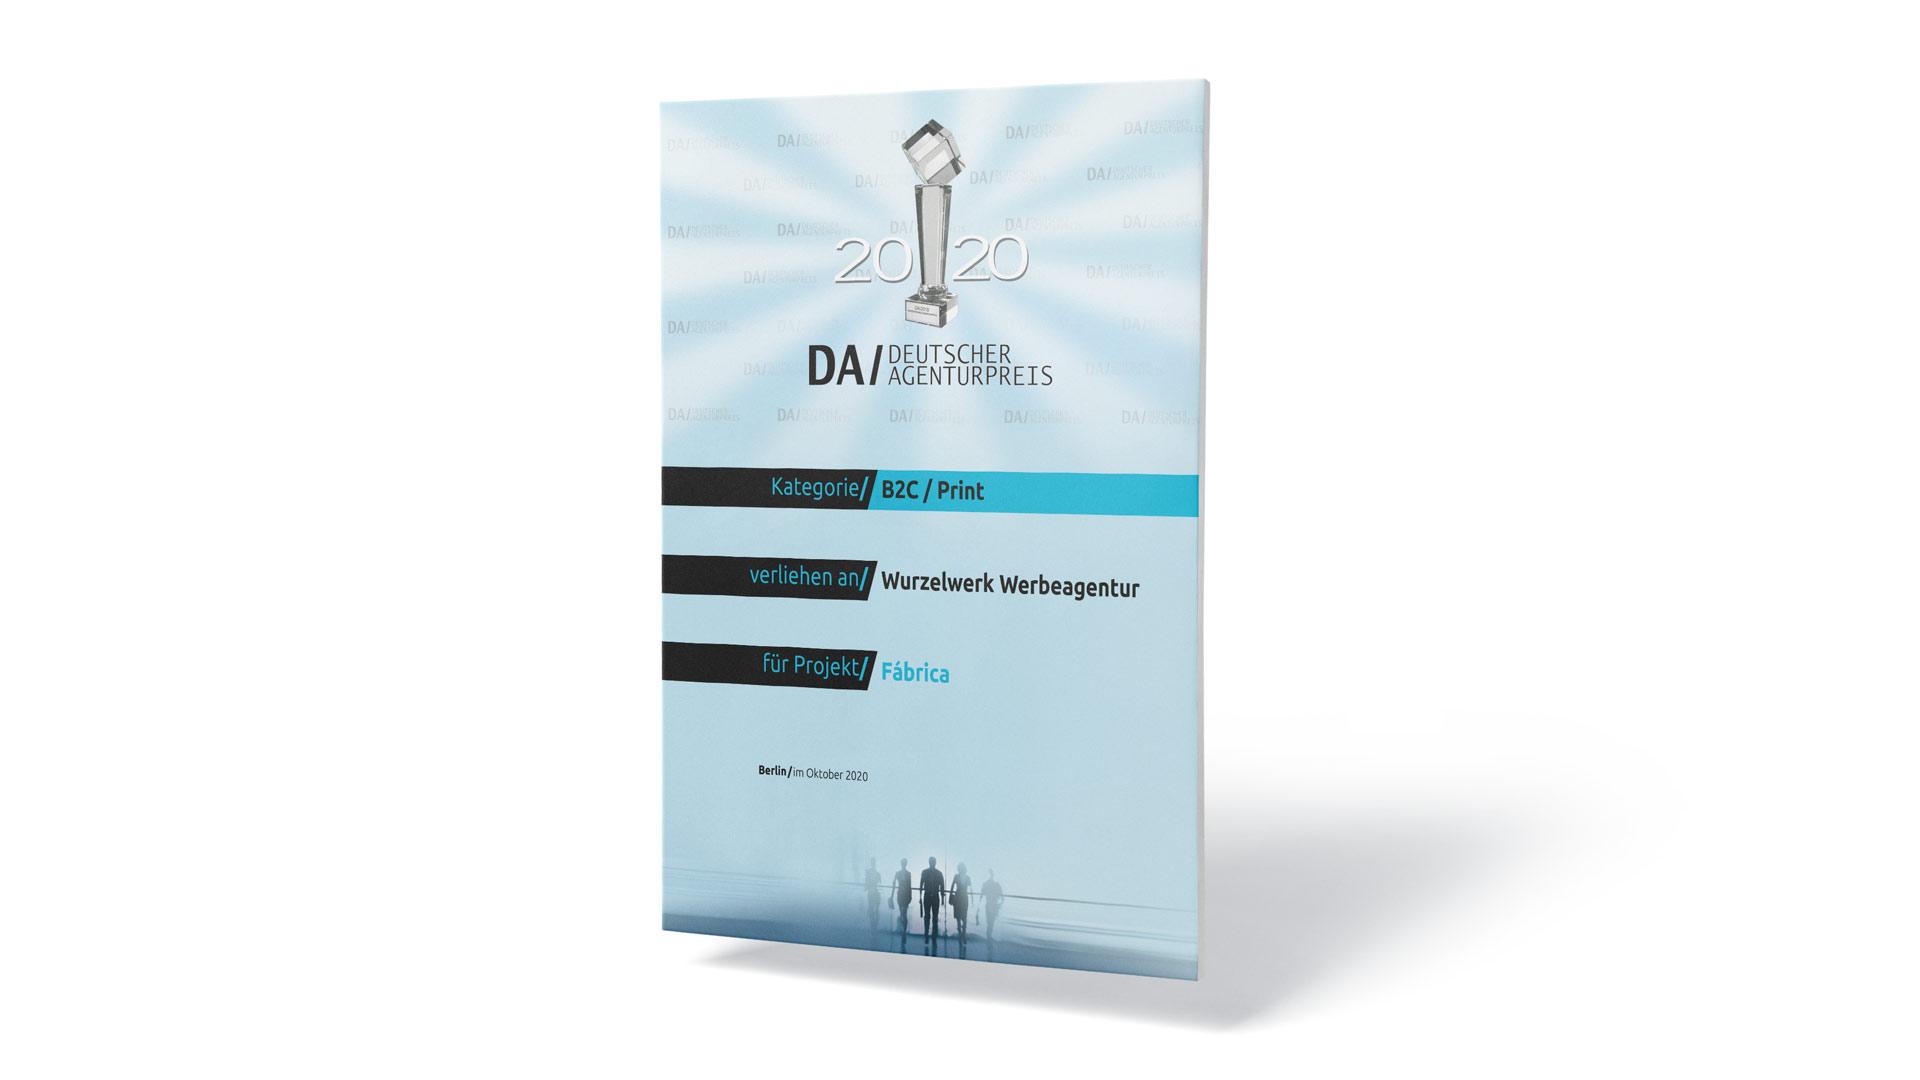 Gewinner-Urkunde des Deutschen Agenturpreises für Print für Wurzelwerk